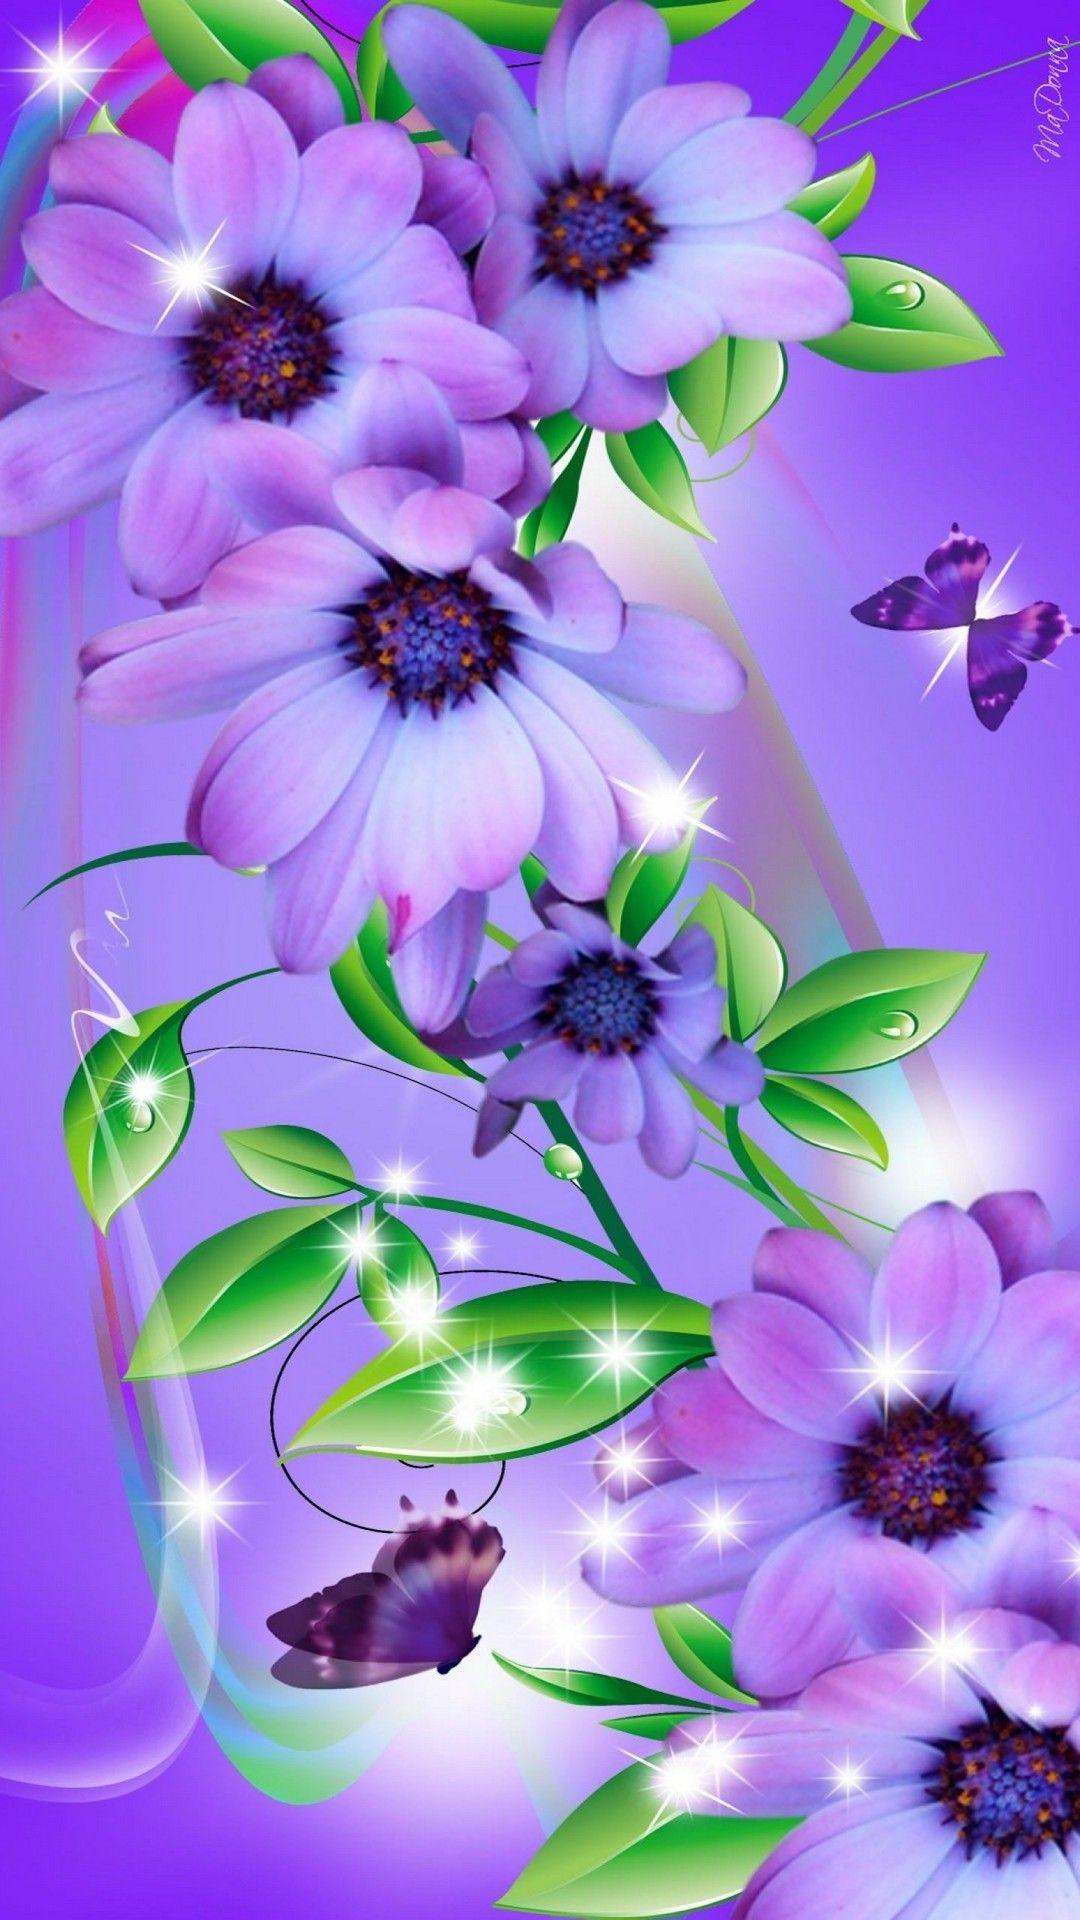 mariposa flor fondos de pantalla hd - lindo fondo de pantalla de mariposa - 1080x1920 - WallpaperTip